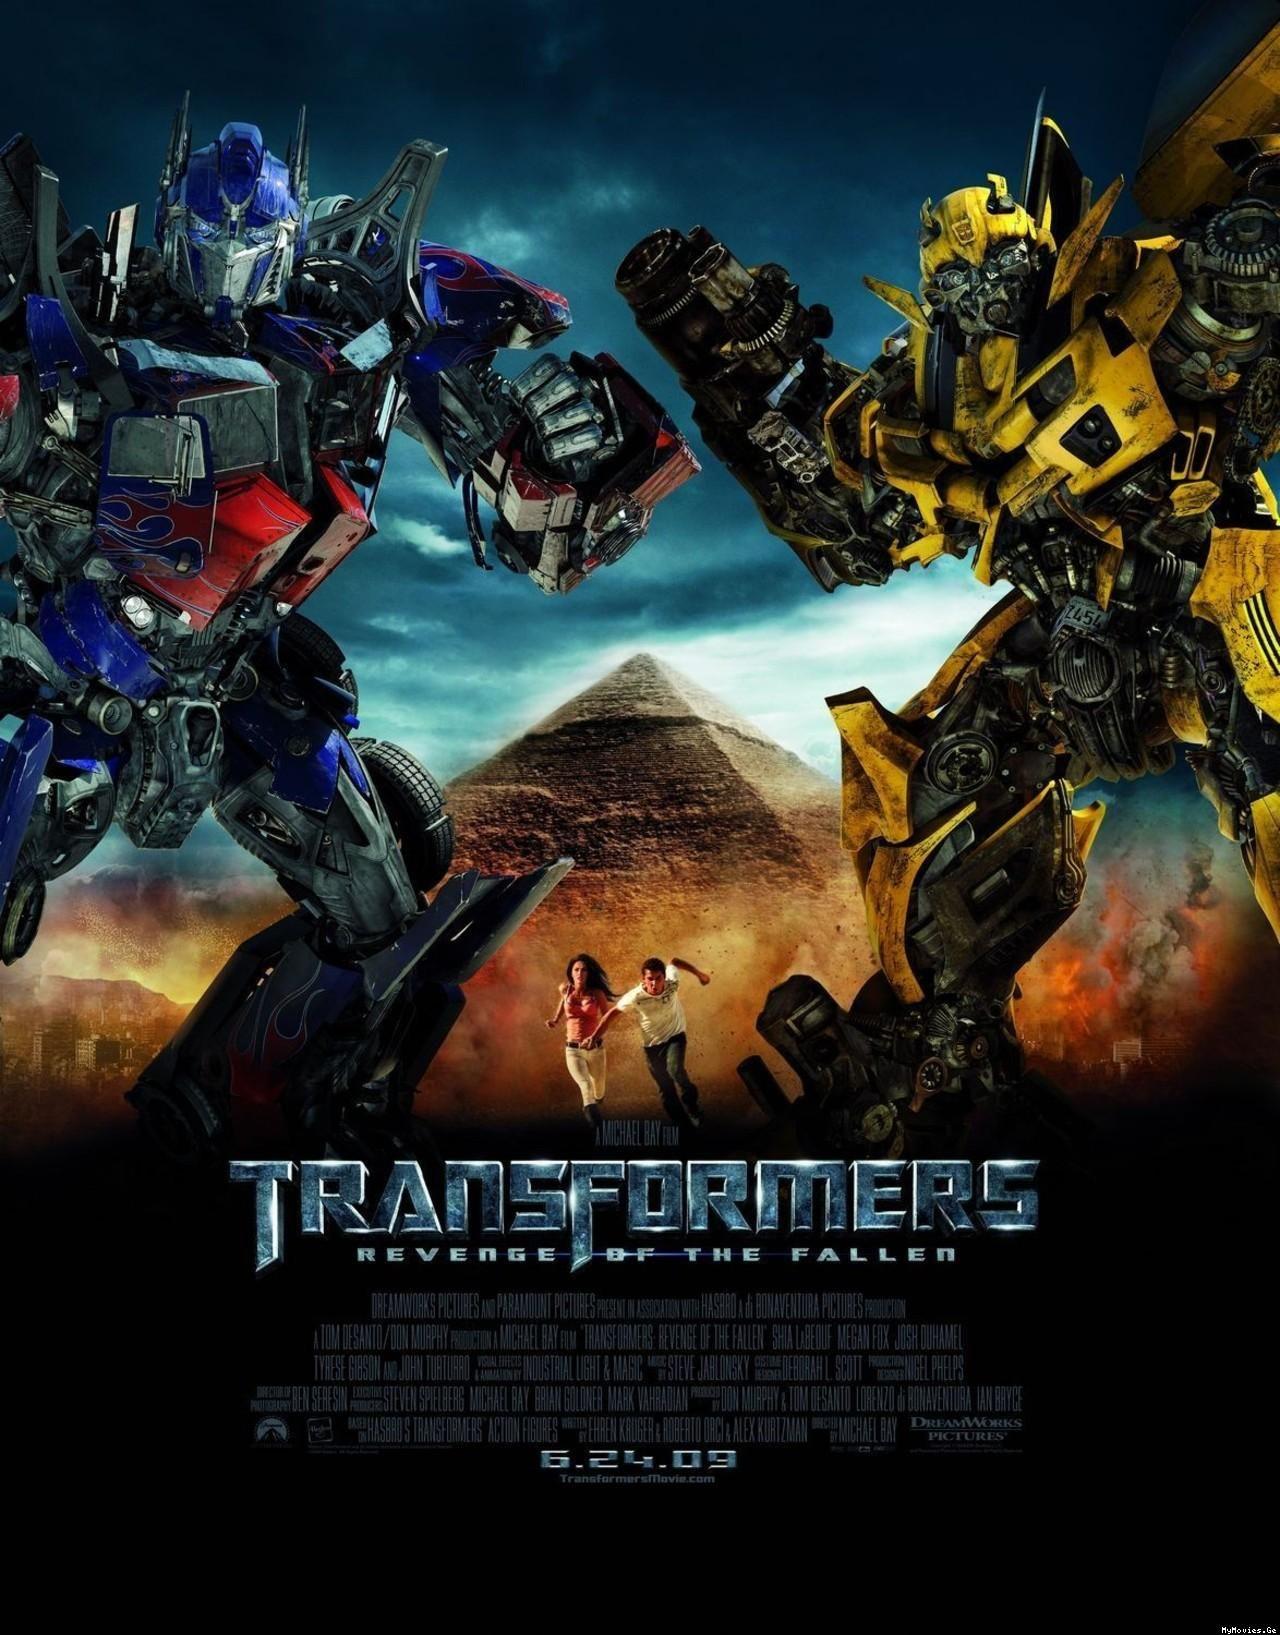 Transformers Revenge Of The Fallen Revenge Of The Fallen Transformers Movie Movie Posters